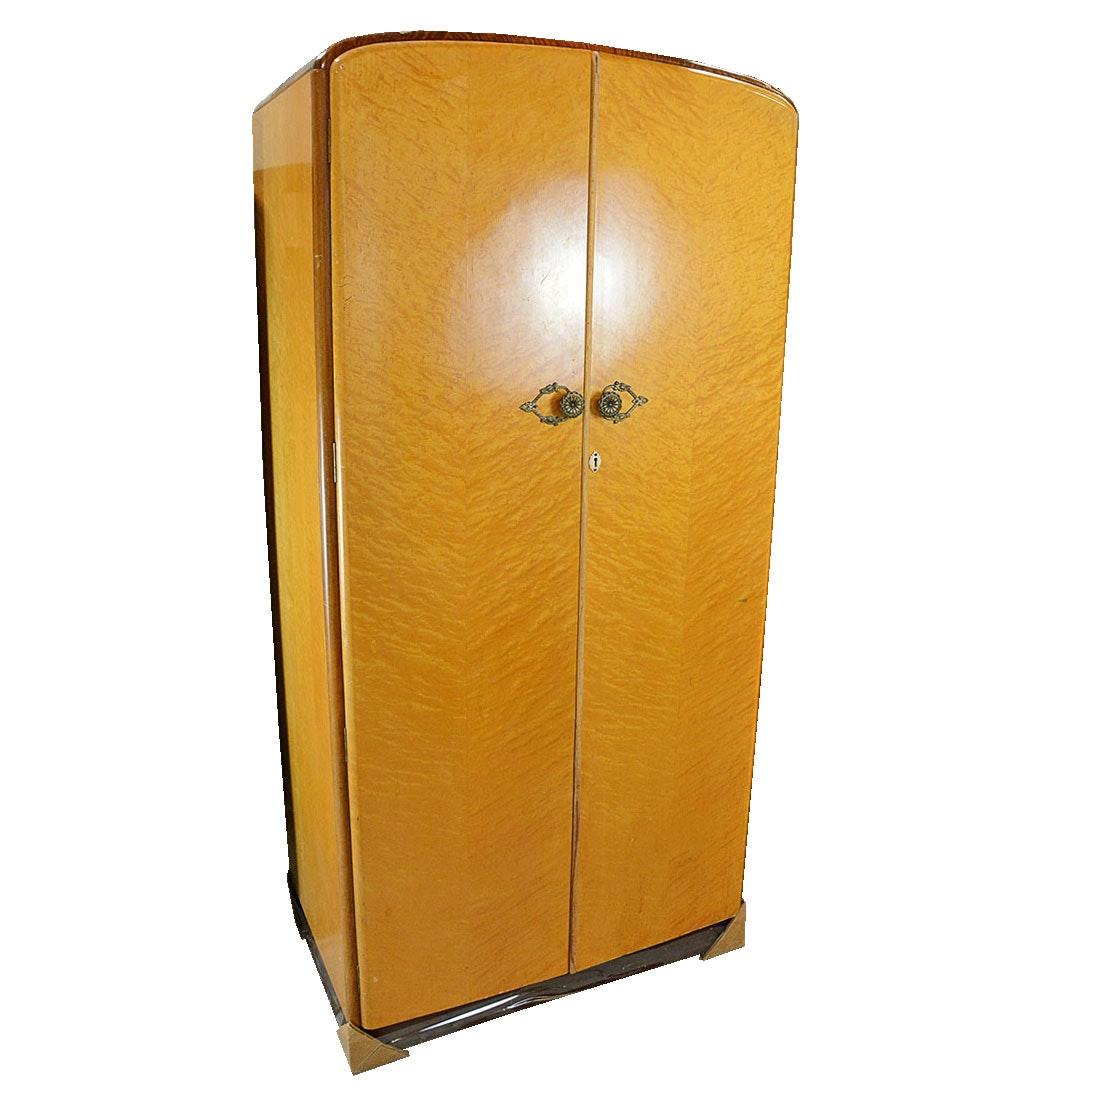 Art Deco Birdseye Maple Wardrobe by Majority Furniture